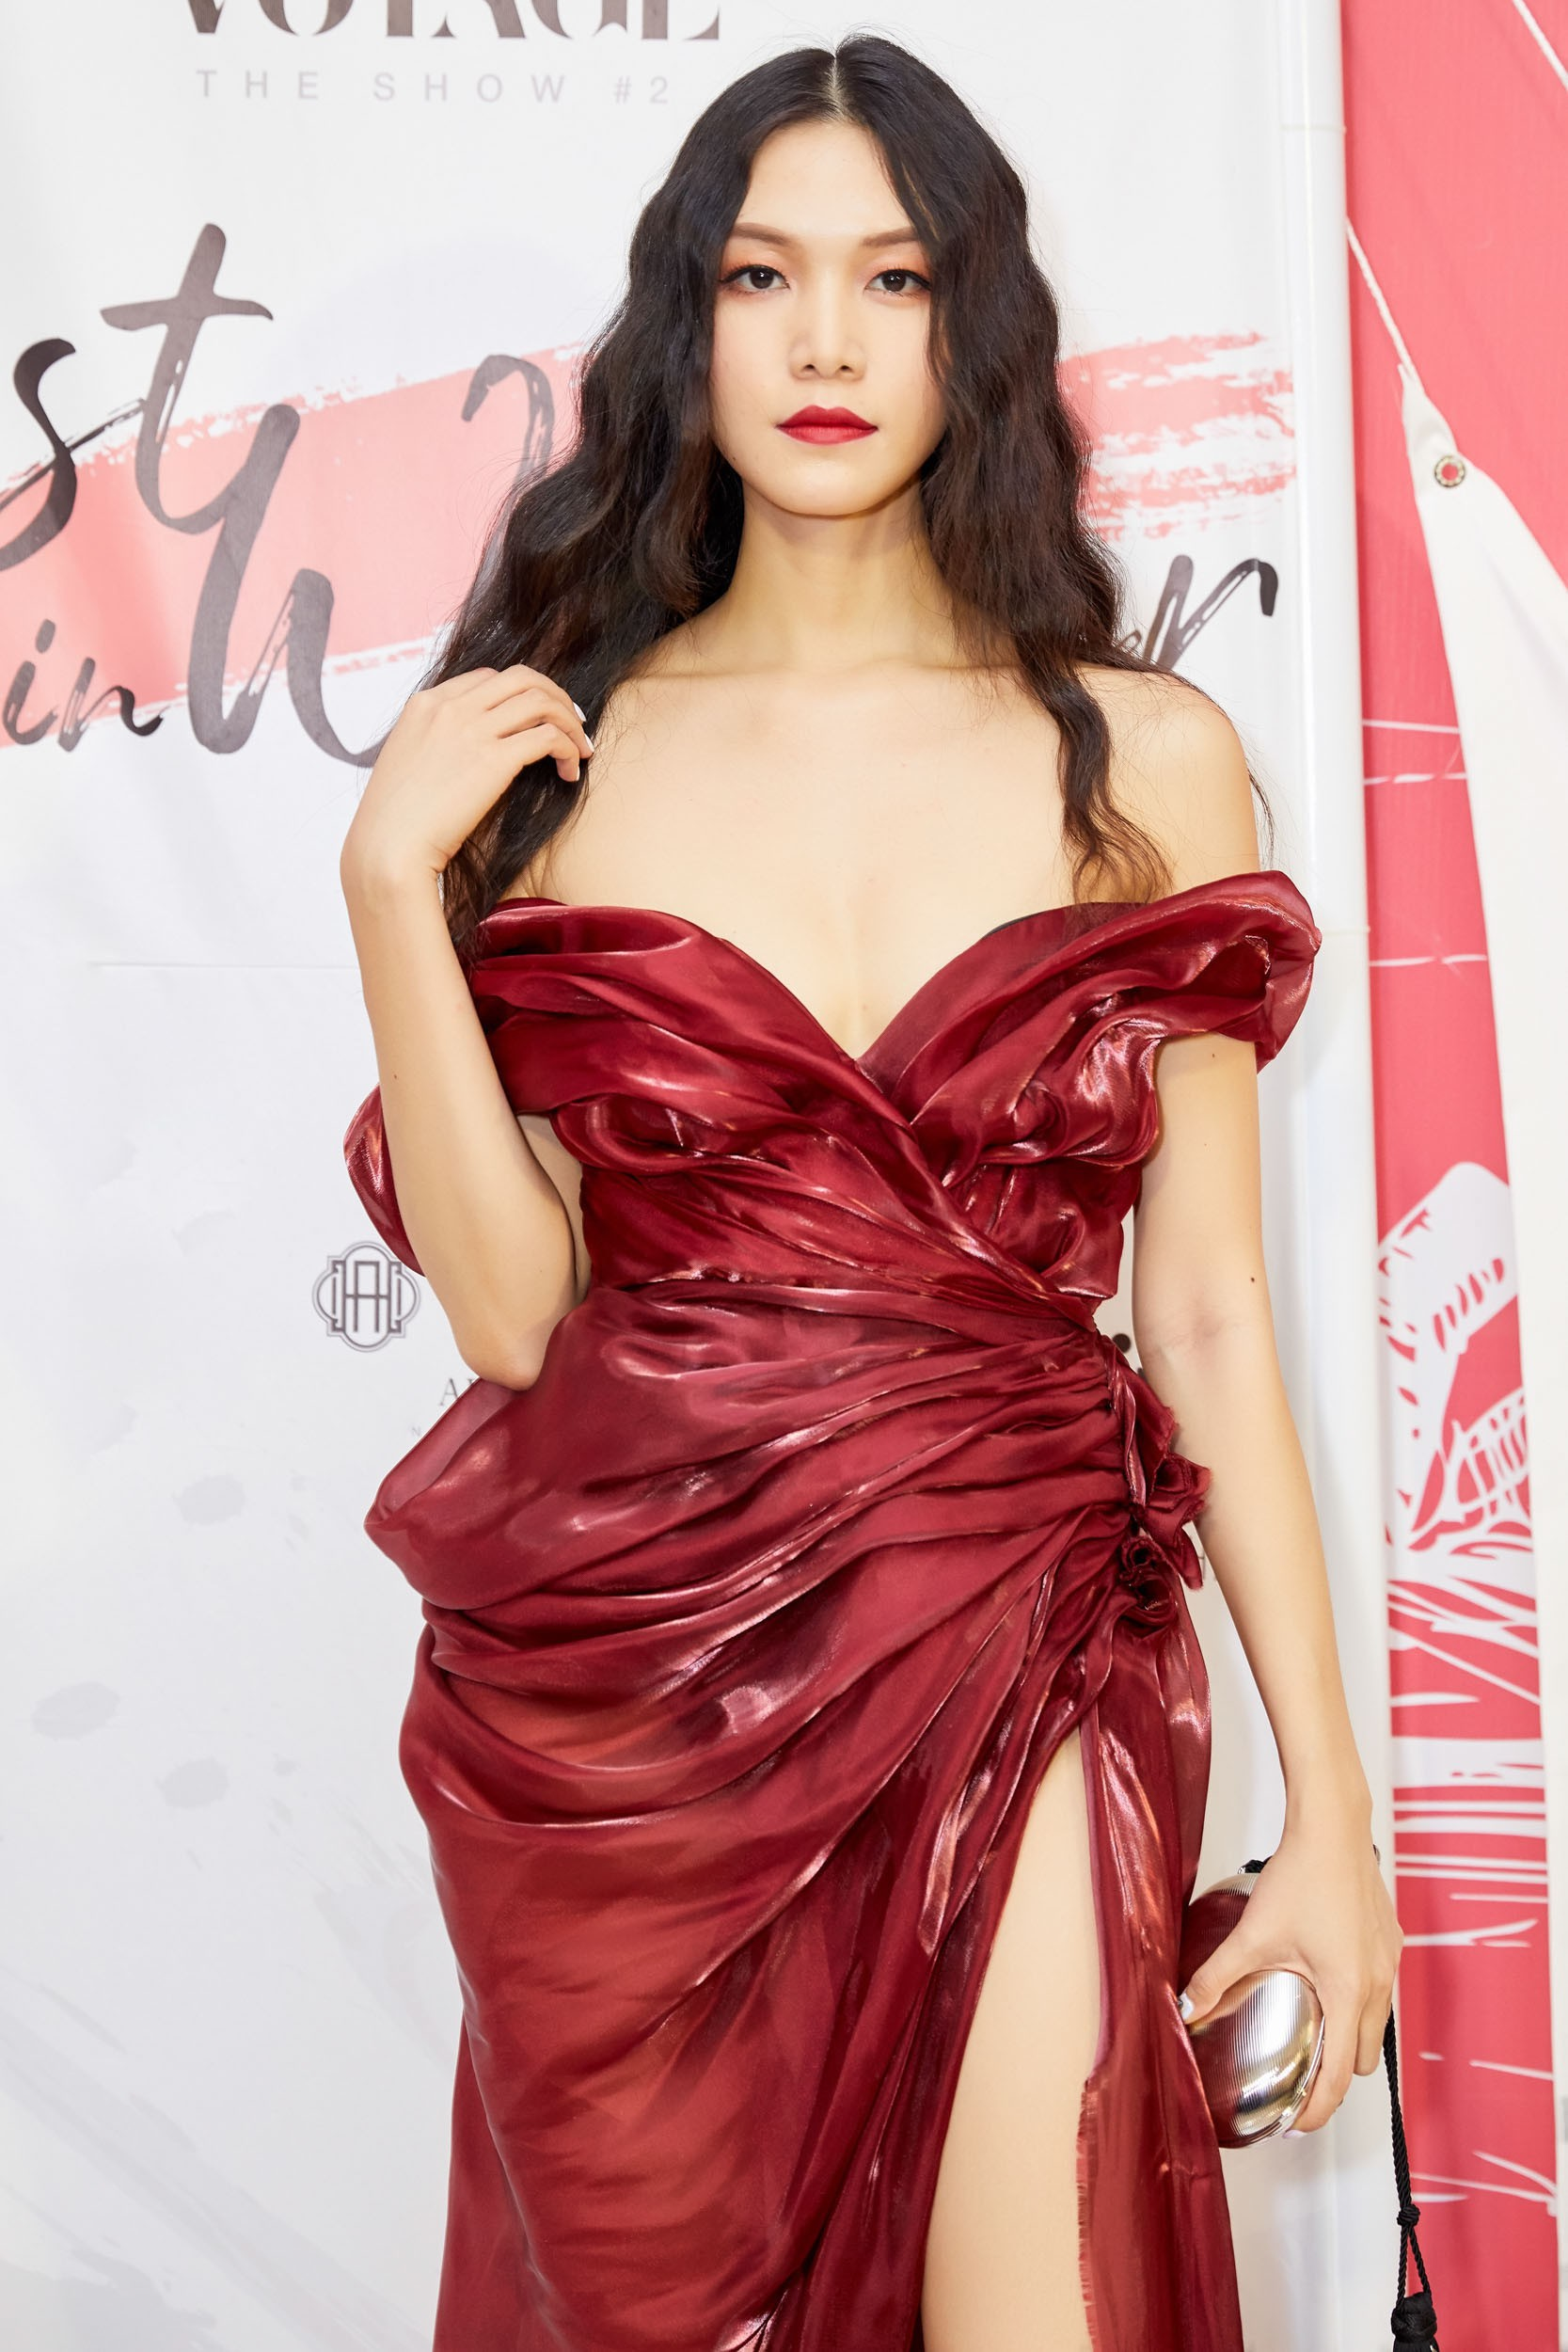 Hoa hậu Việt Nam 2008 Thùy Dung: Từ scandal Hoa hậu học dốt đến ồn ào bị vợ cũ đại gia dằn mặt và hạnh phúc giấu kín ở tuổi 30-8